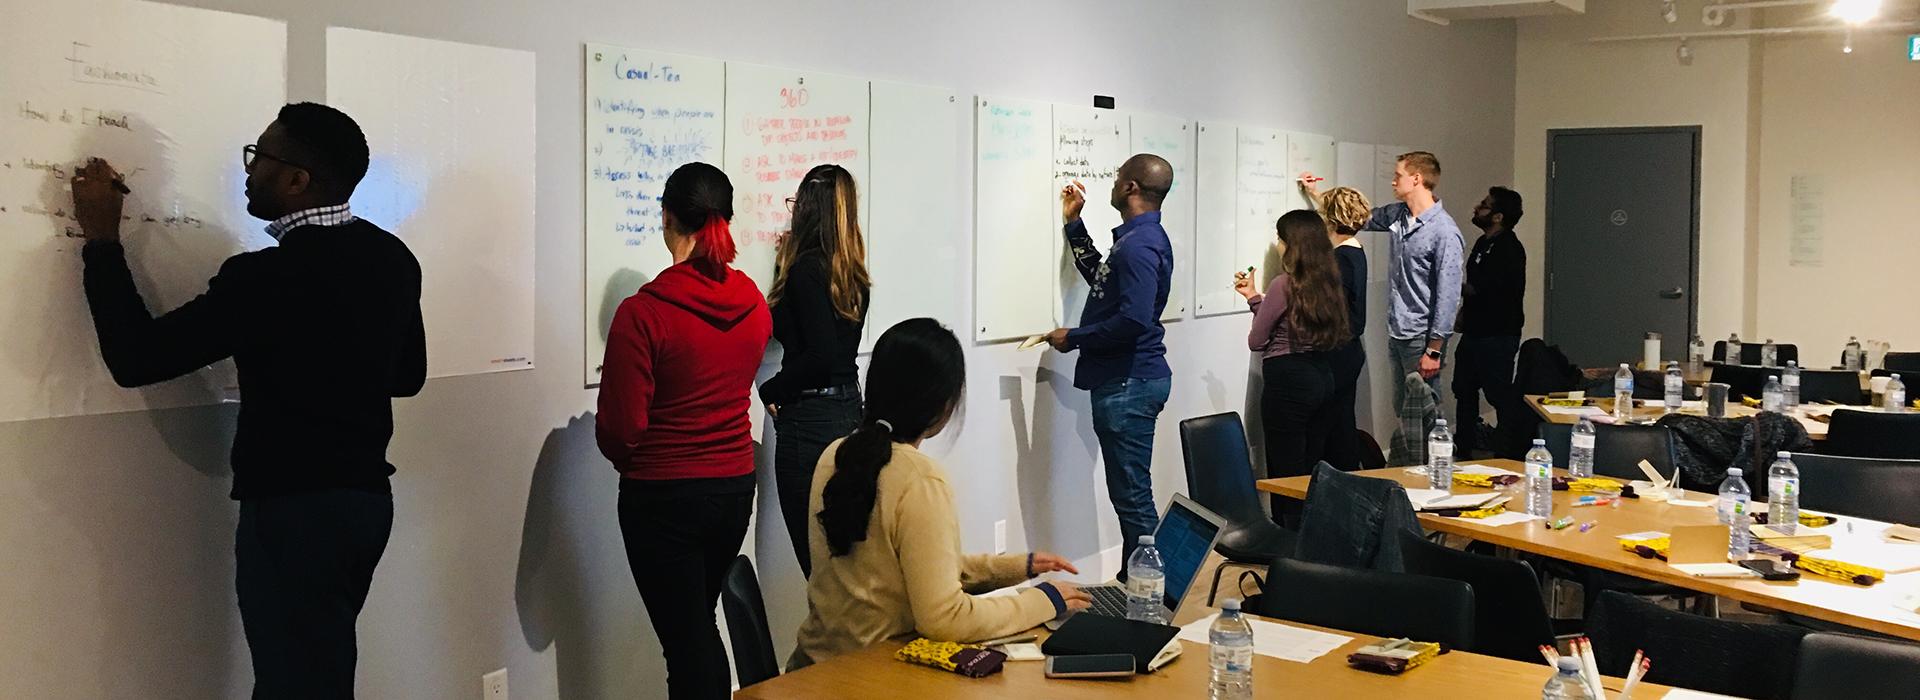 les étudiants écrivent au tableau